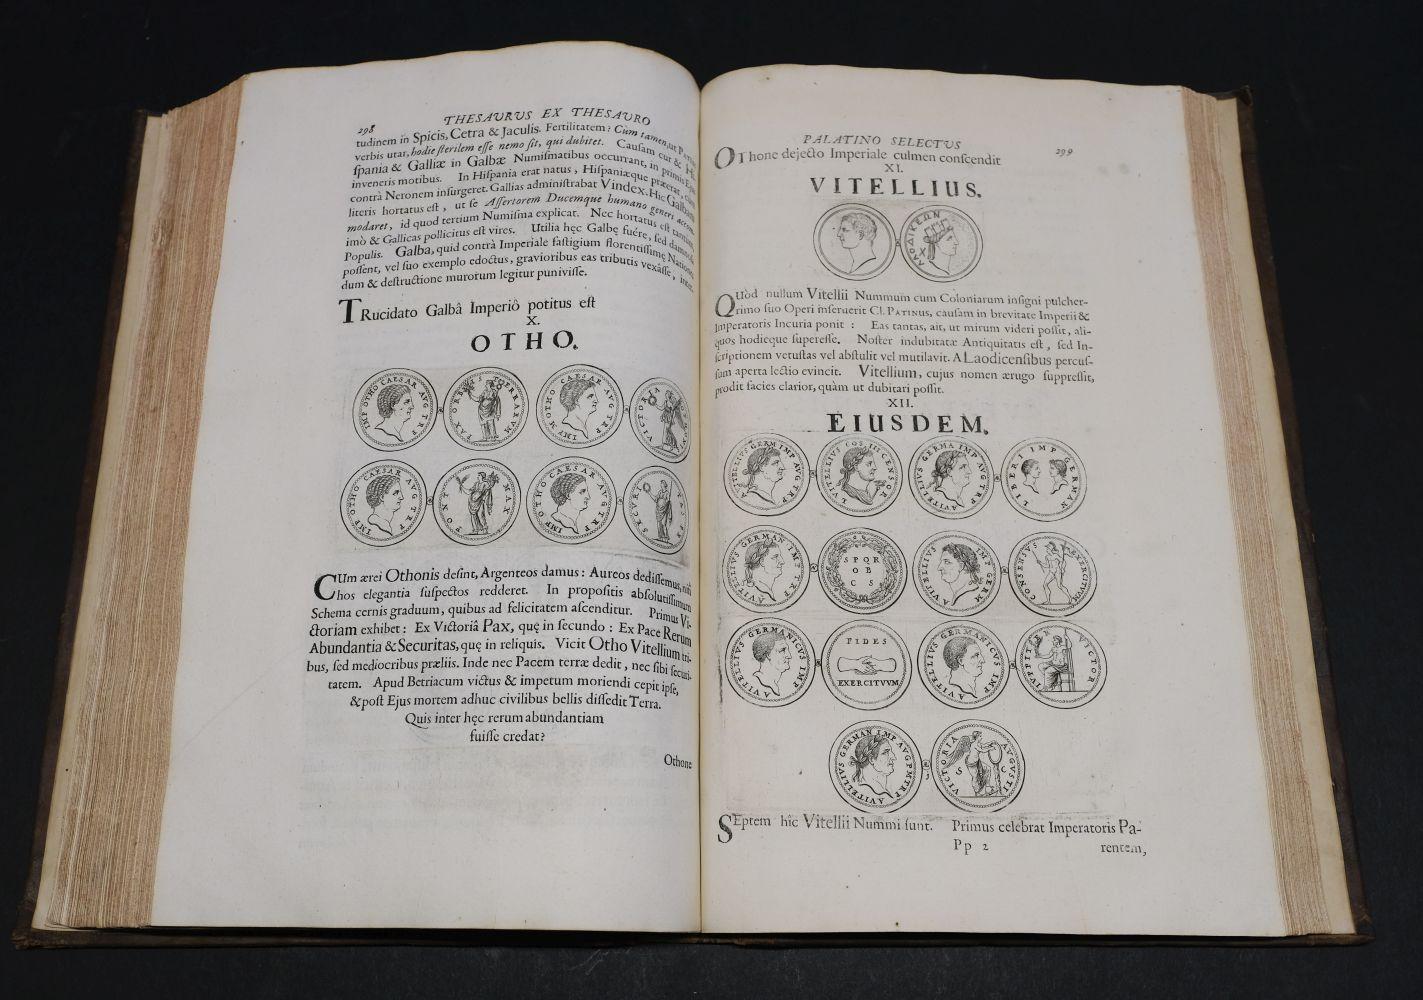 Beger (Lorenzo). Thesaurus ex Thesauro Palatino Selectus, 1685 - Image 8 of 9